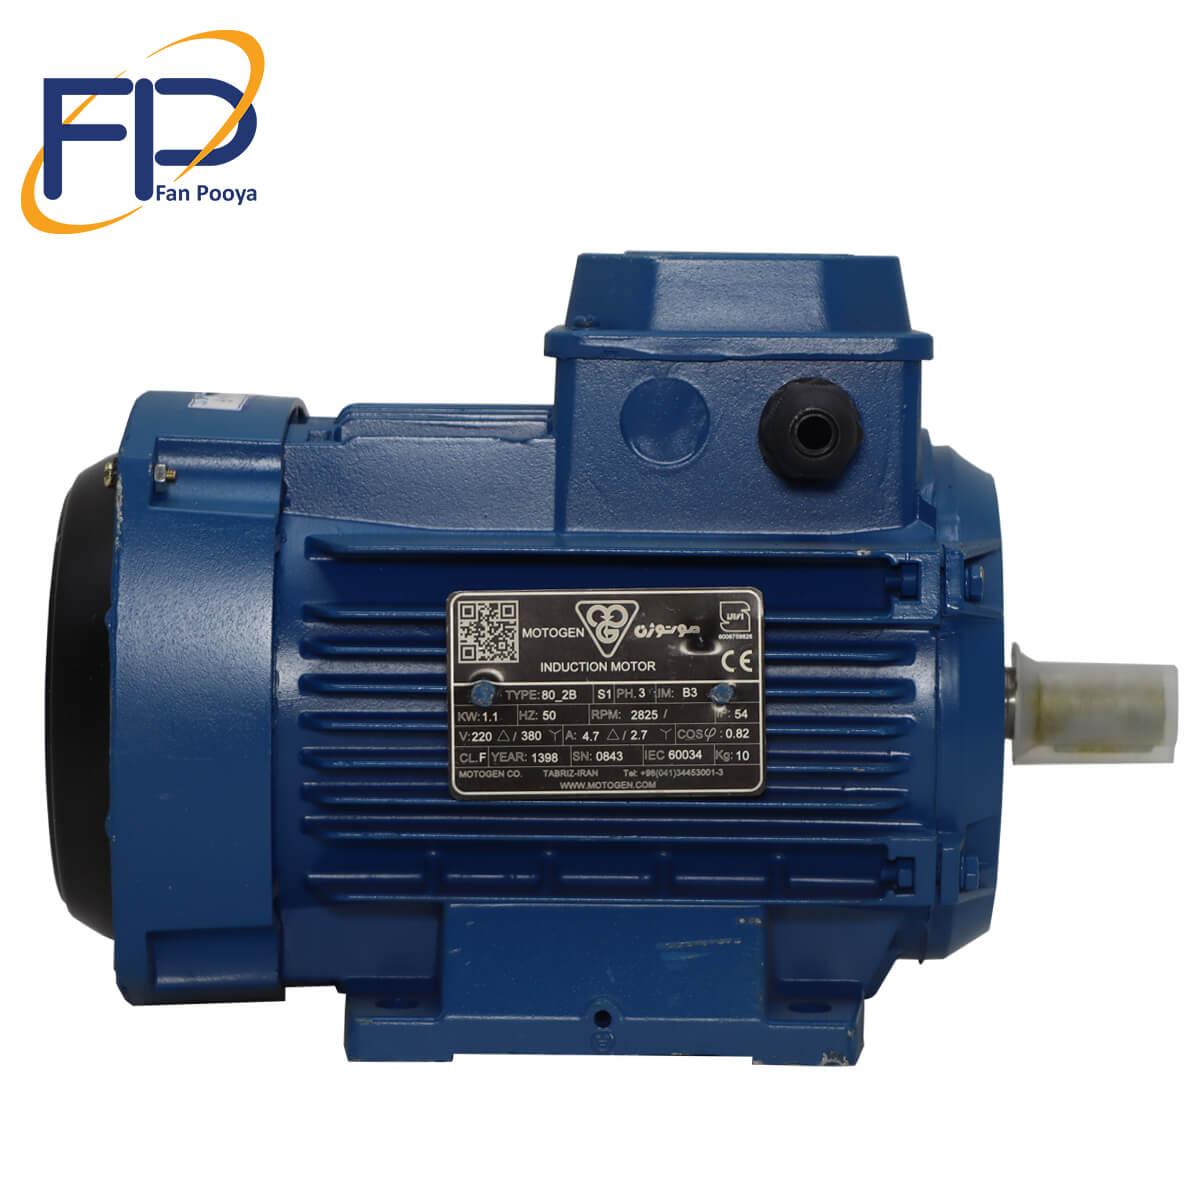 الکترو موتور موتوژن قدرت 0.37kw کیلو وات1500 دور